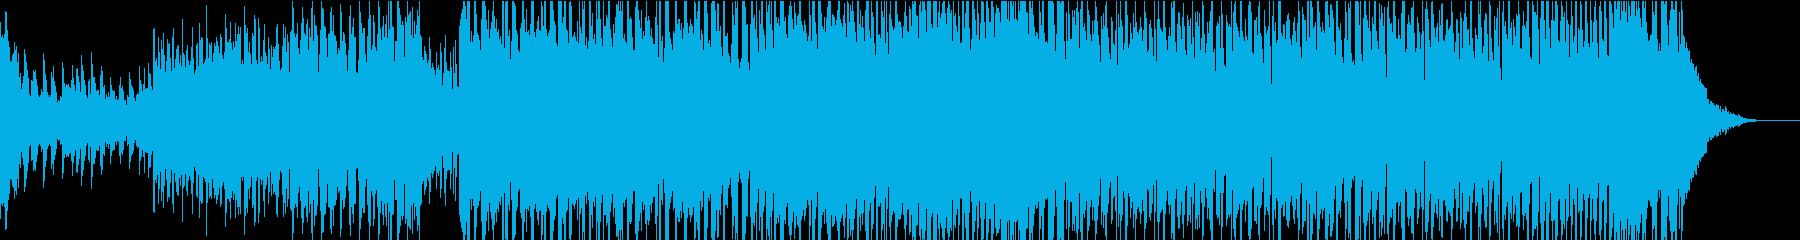 番組オープニングにぴったりのEDMの再生済みの波形